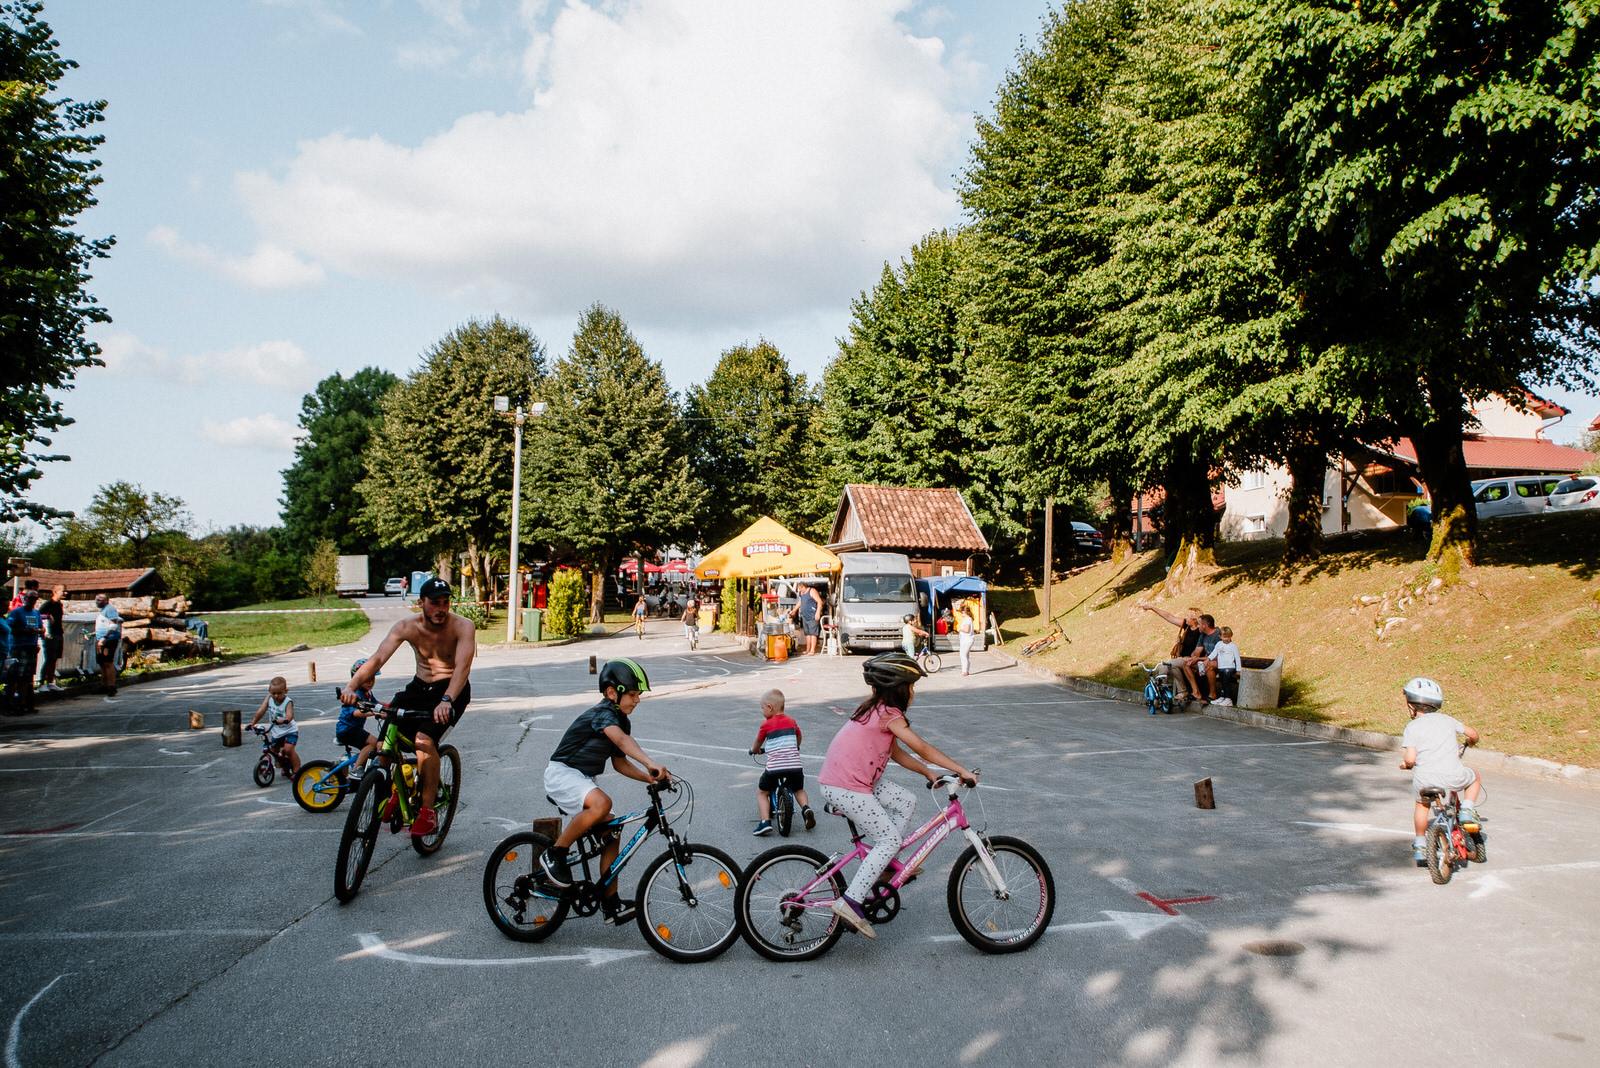 likaclub_rakovica_1-mala-biciklijada_2019-2